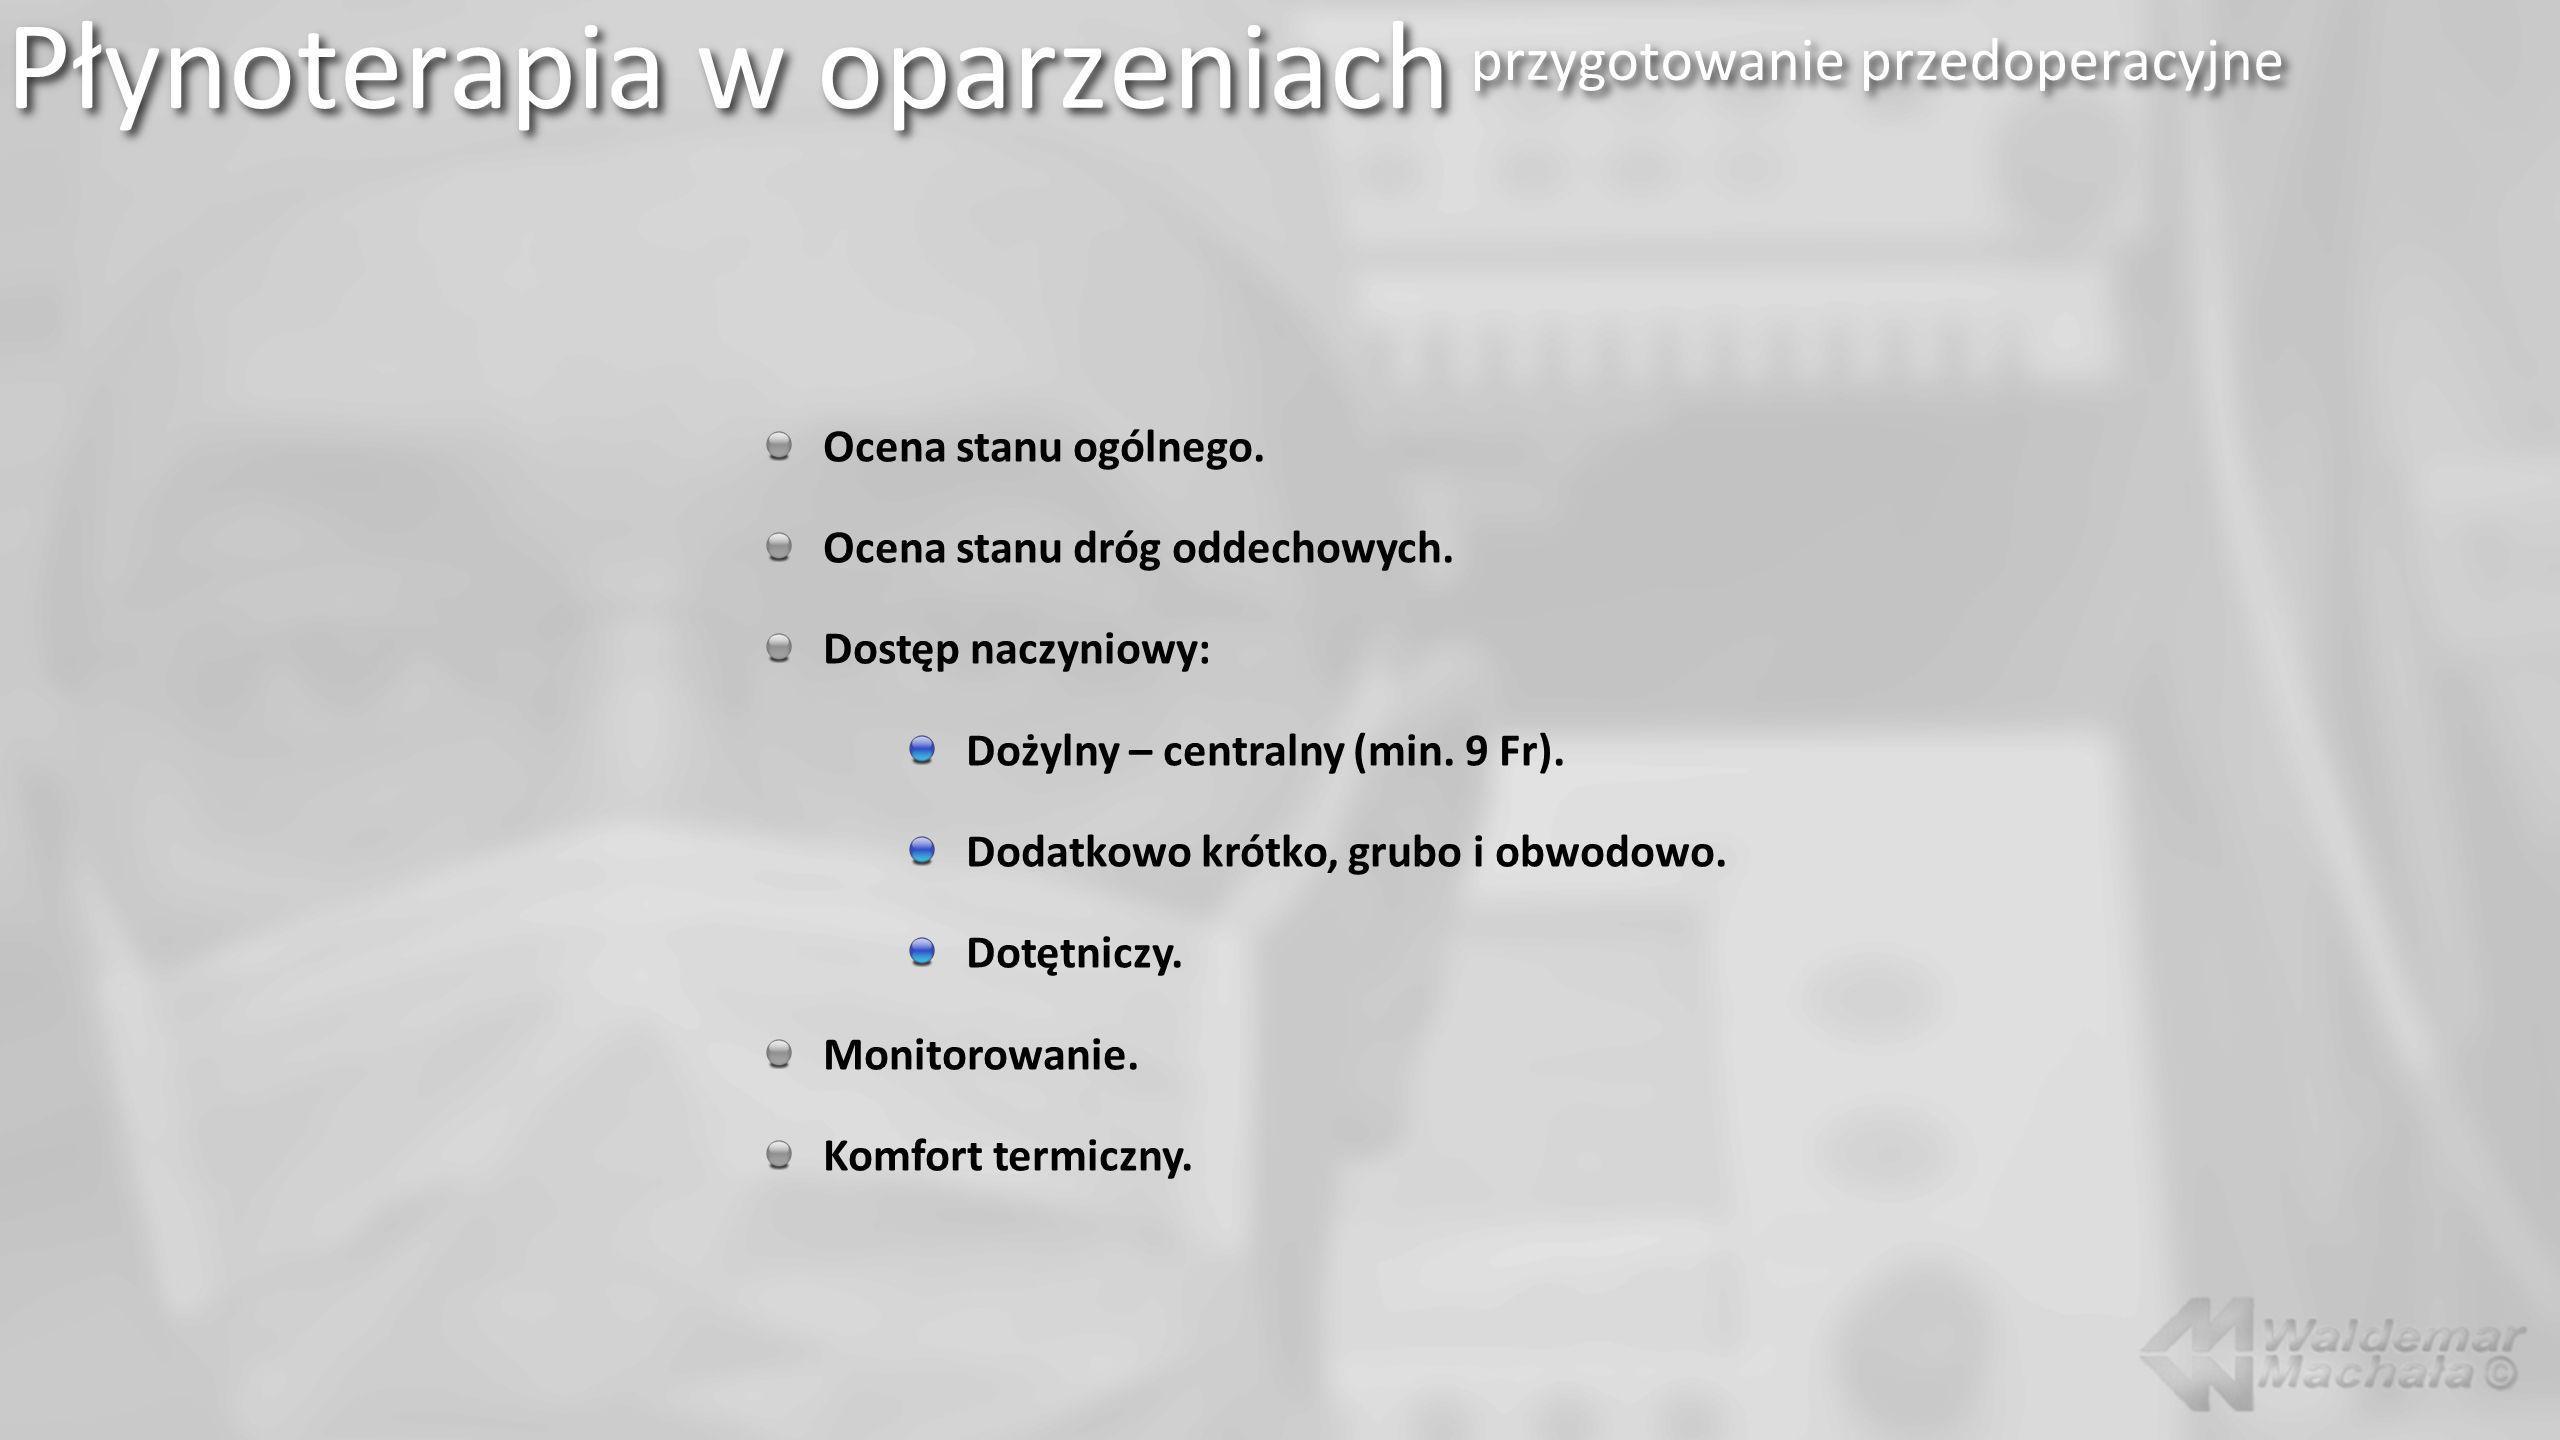 Płynoterapia w oparzeniach przygotowanie przedoperacyjne